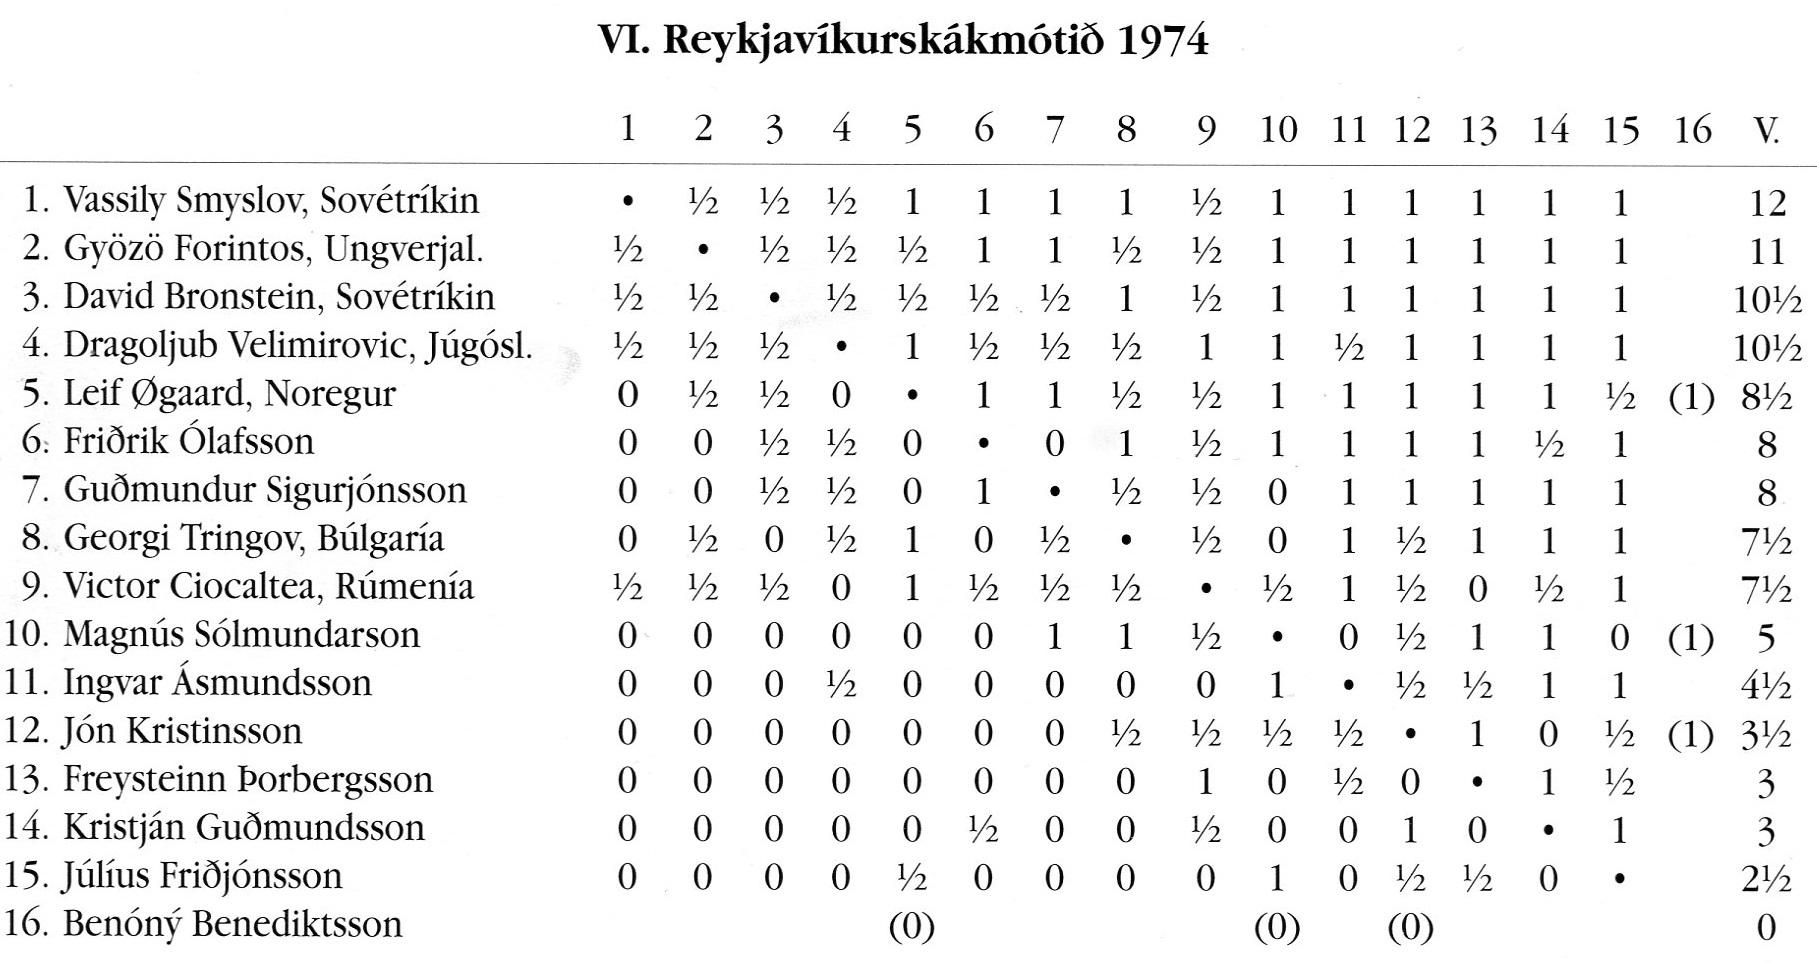 1974 Reykjavíkurskakmótið - taflaa